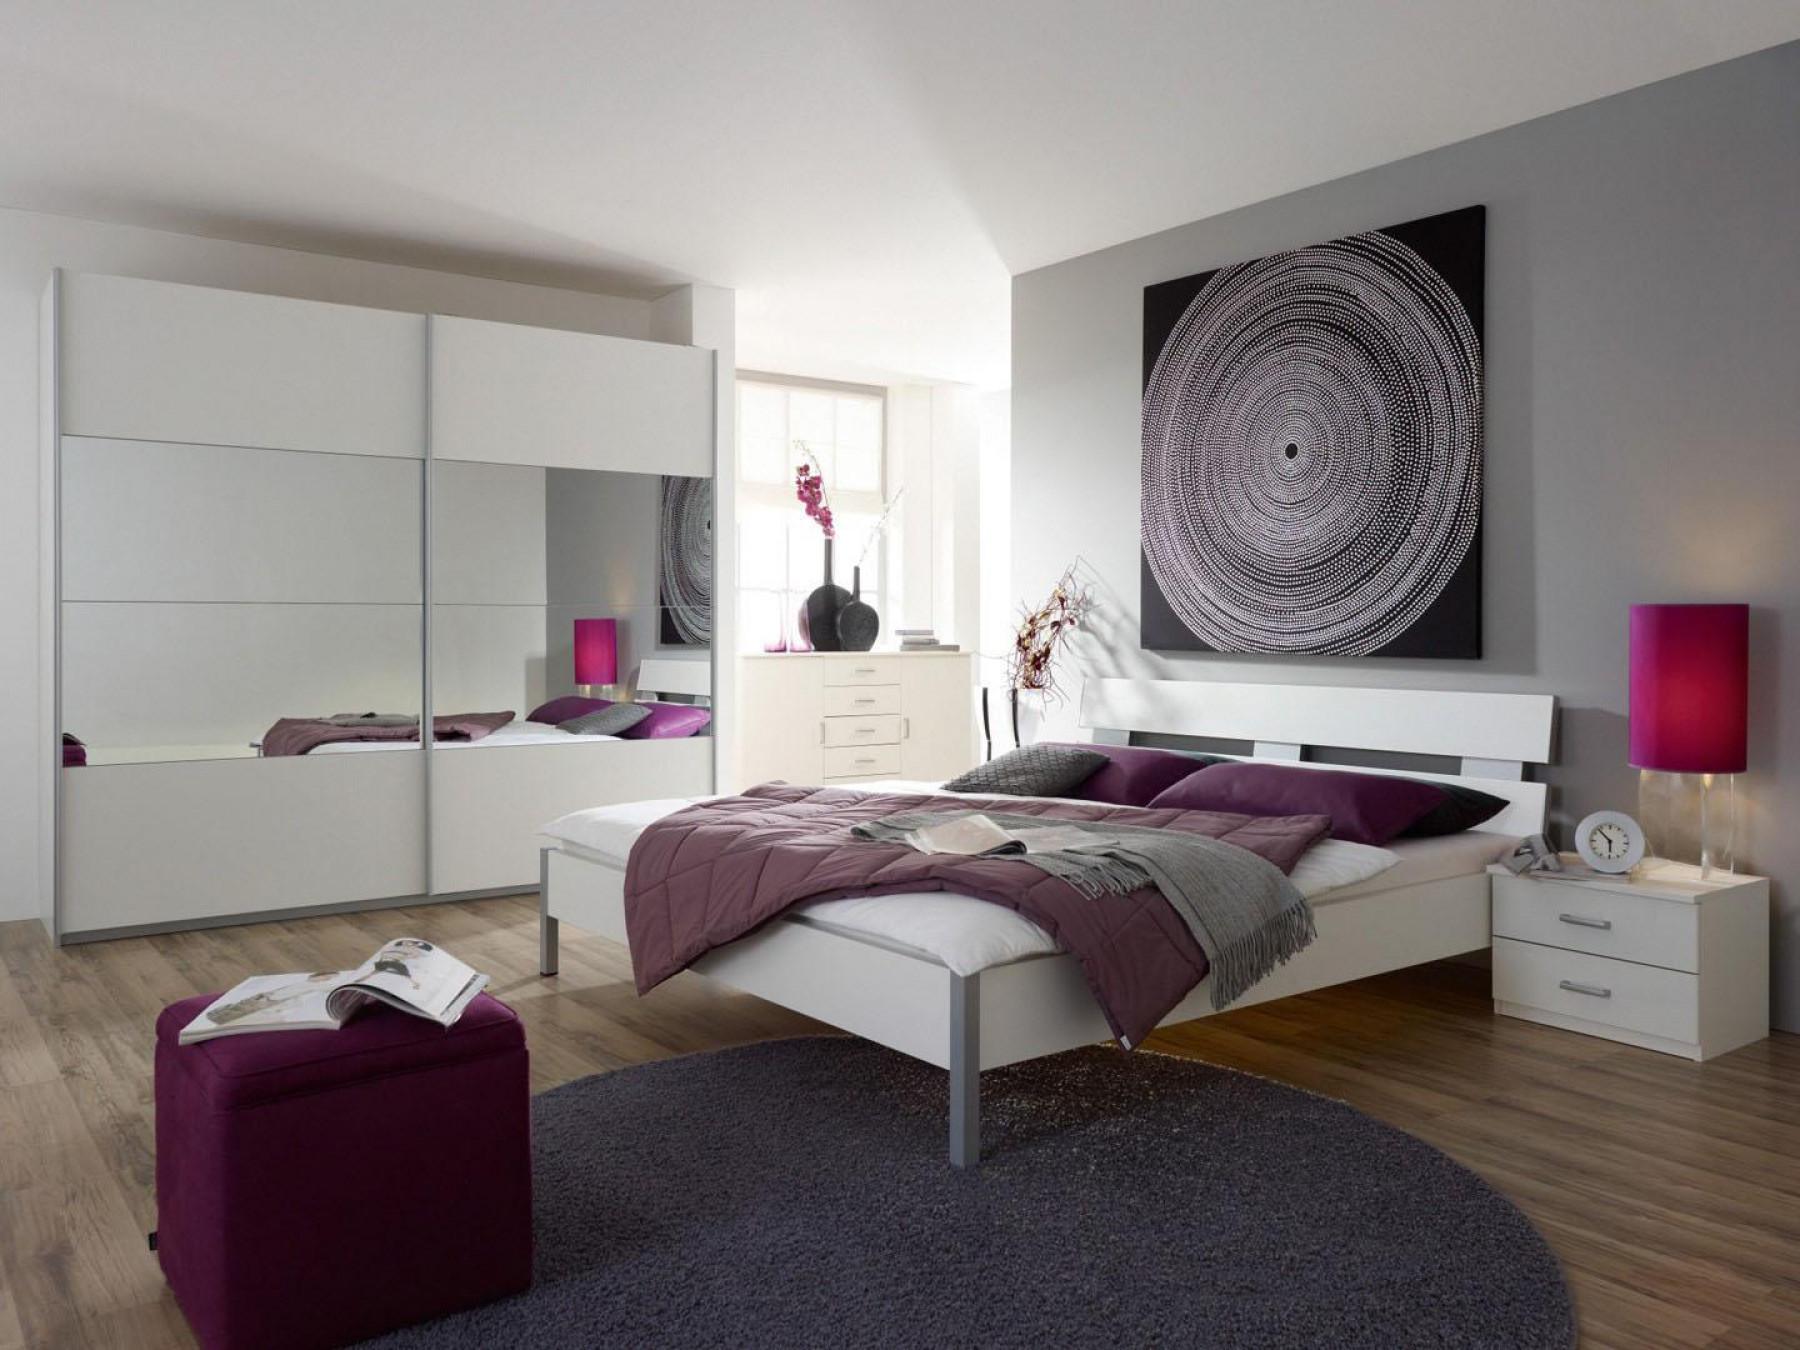 Full Size of Rauch Schlafzimmer Quadra Set Teppich Stuhl Wandbilder Vorhänge Fototapete Weißes Led Deckenleuchte Massivholz Schranksysteme Komplett Weiß Romantische Schlafzimmer Rauch Schlafzimmer